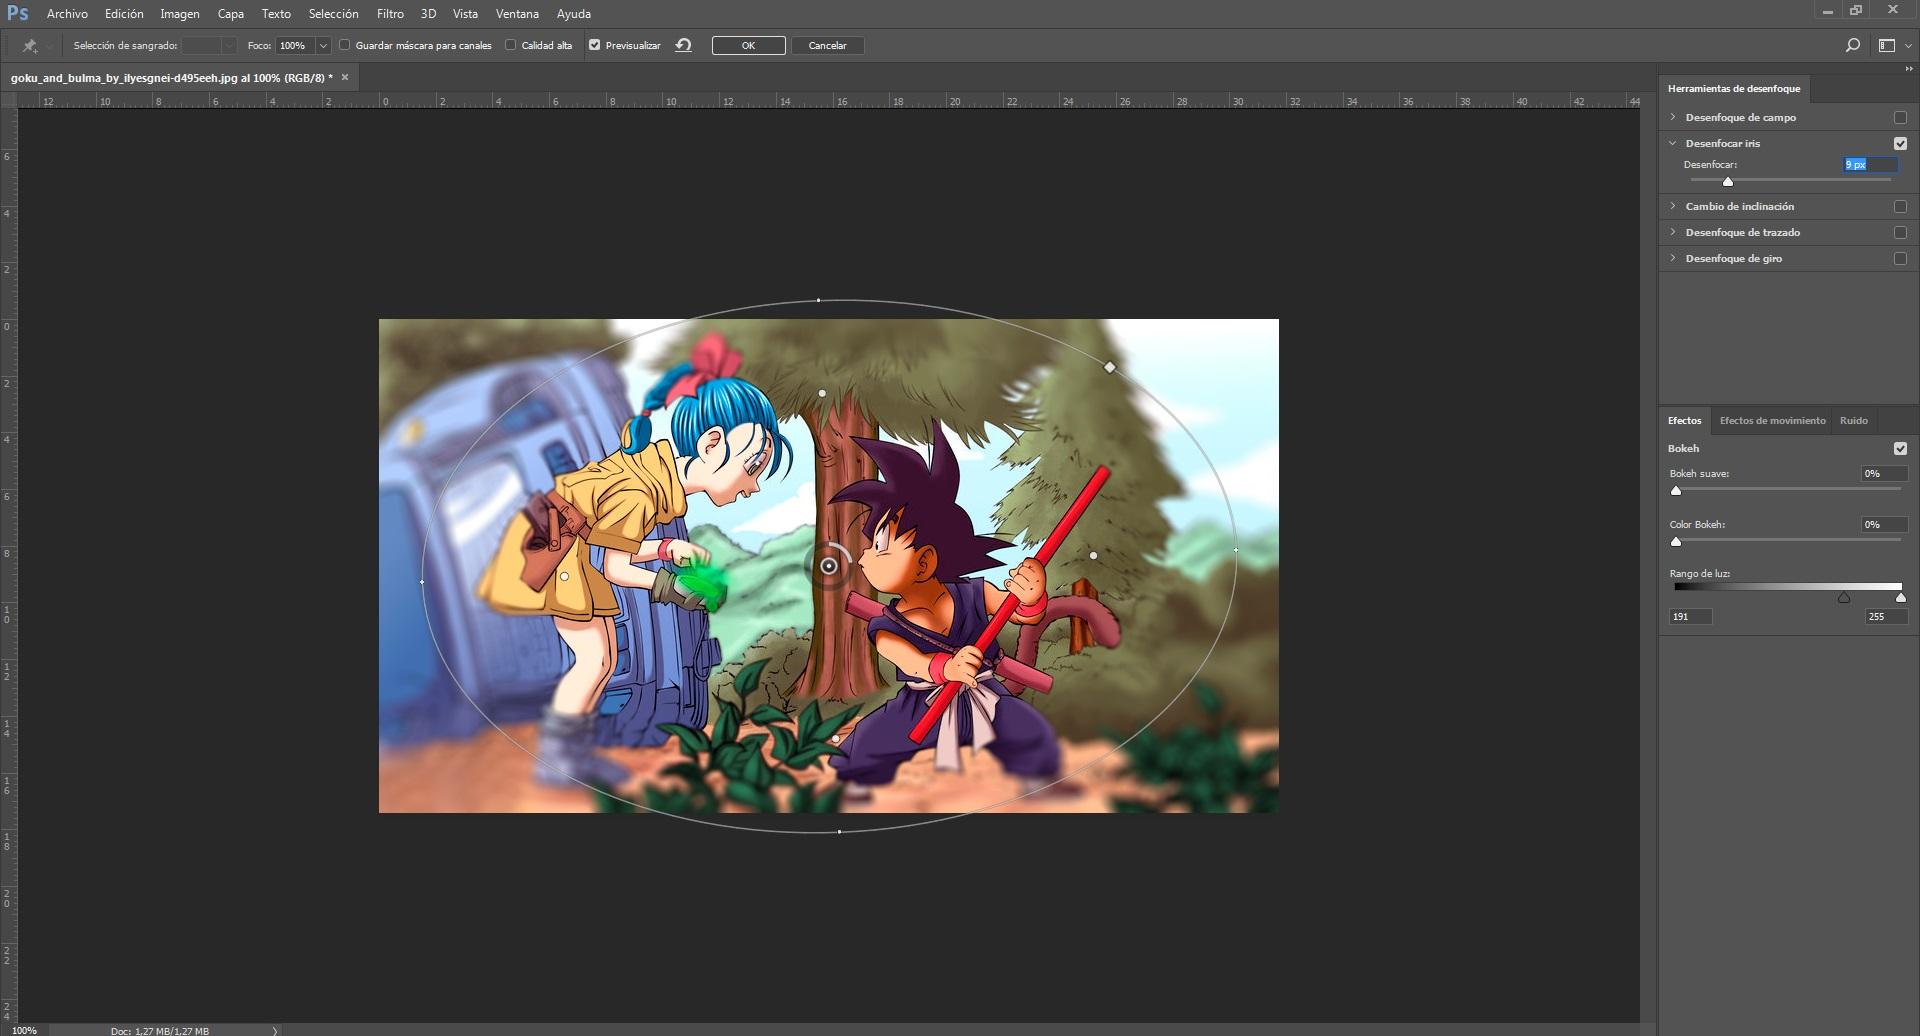 """Adobe Photoshop """"width ="""" 600 """"height ="""" 324 """"/> </p></noscript> <p> Per finire questa piccola guida ti daremo alcuni suggerimenti su <strong> come salvare un'immagine in Photoshop </strong> a seconda di come la utilizzerai. </p> <p> Se stai lavorando a un progetto grafico e non lo hai ancora terminato, ti consigliamo di salvare il file in formato PSD. Per fare ciò, fare clic su <strong> """"File"""" </strong> seguito da <strong> """"Salva"""" </strong> e selezionare il formato immagine .PSD o TIFF. In questo modo, quando apri il file, puoi riprendere da dove eri rimasto. </p> <p> Al contrario, se hai intenzione di salvare la tua immagine per uso personale o per condividerla con i tuoi amici su Internet, ti consigliamo di utilizzare il formato <strong> .JPEG </strong> o <strong> .PNG </strong>. </p> <p> Un altro trucco da tenere a mente se possiedi un blog o una pagina web è che Photoshop ha la possibilità di <strong> ottimizzare le foto per questo mezzo </strong>. Per fare ciò, premi semplicemente i tasti <strong> Ctrl + Alt + Maiusc + S </strong>. Ora avrai a portata di mano tutte le impostazioni necessarie per comprimere le tue immagini in modo che abbiano la qualità necessaria per il tuo supporto online. </p> <p> Ci auguriamo che la nostra selezione di suggerimenti e <strong> suggerimenti di base per Photoshop </strong> ti siano stati utili. Qual è il tuo software di fotoritocco preferito? Condividilo con noi nella sezione commenti! </p> <p class="""